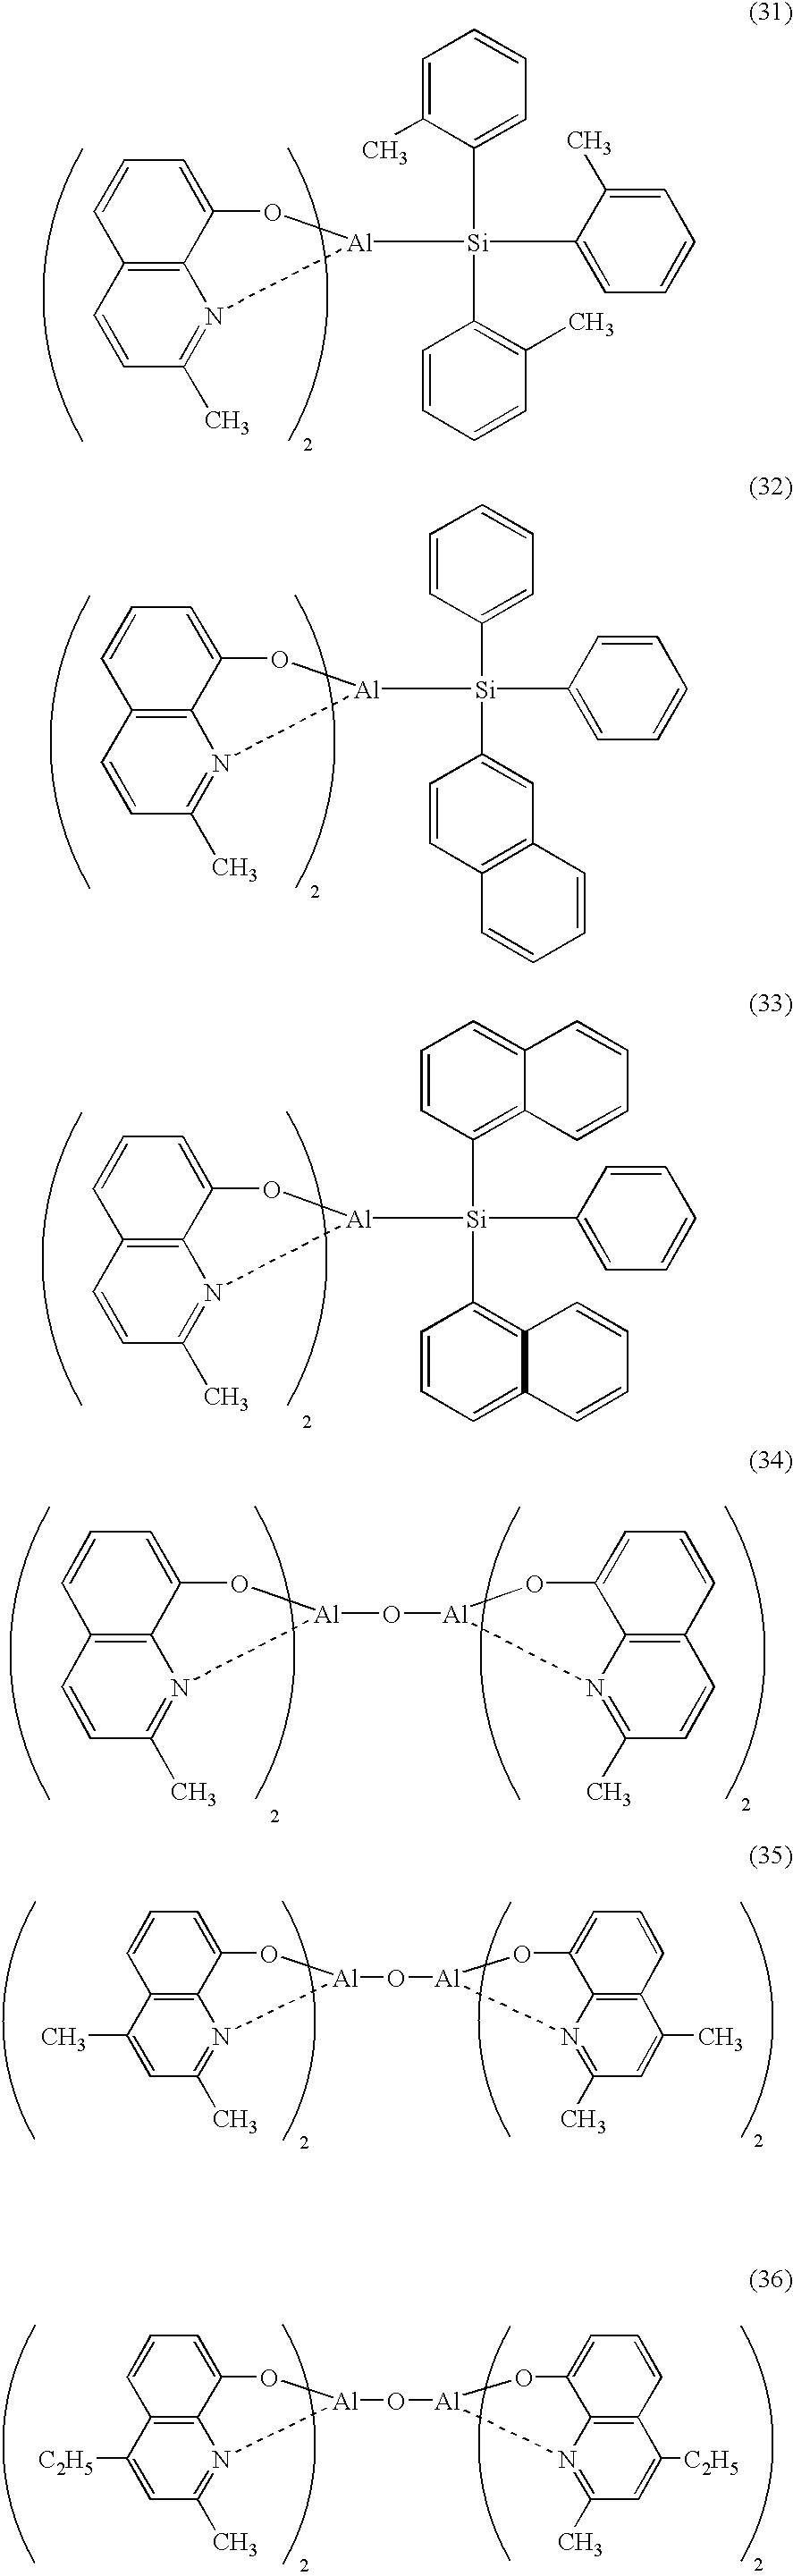 Figure US06602618-20030805-C00010